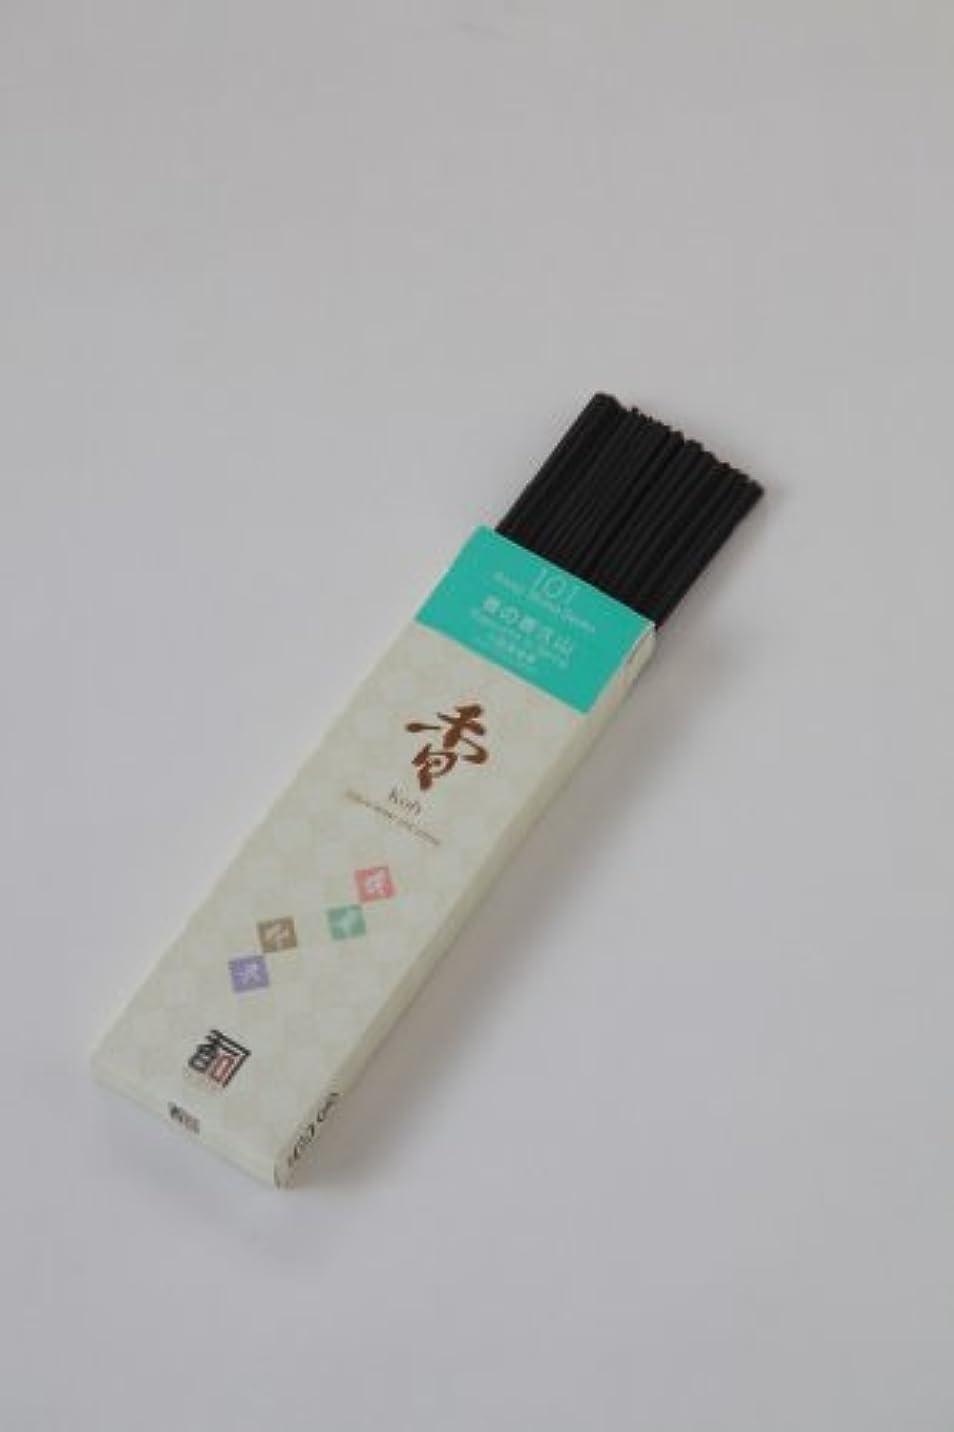 位置づけるケープ未払い「あわじ島の香司」 日本の香りシリーズ (春夏秋冬) 【101】  ◆春の香久山◆